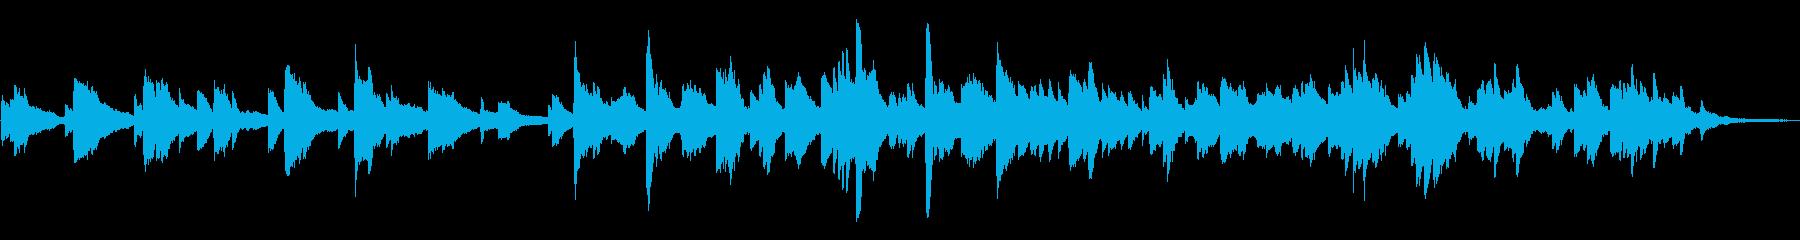 ゆったりと眠れそうなピアノソロの再生済みの波形